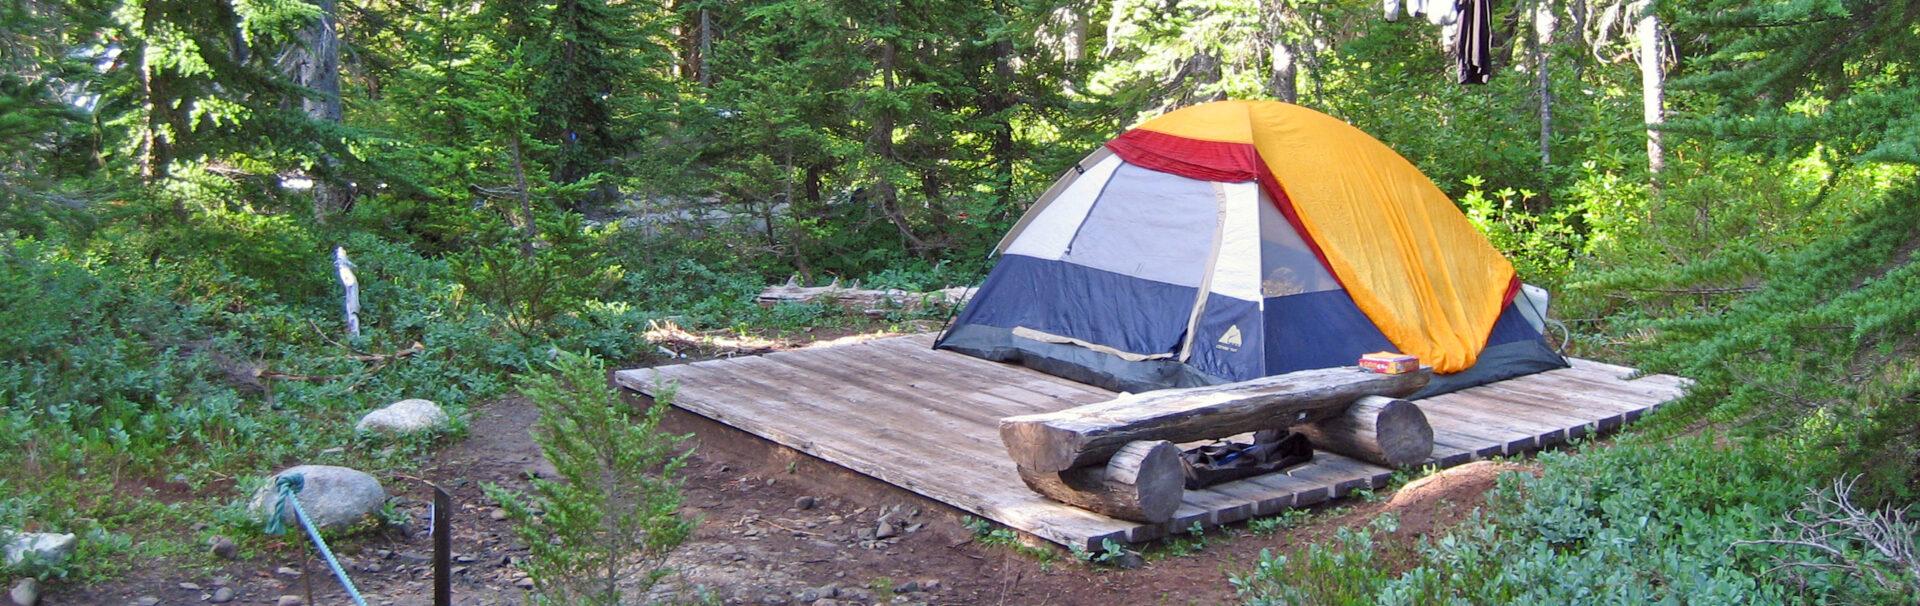 BC Parks Camping